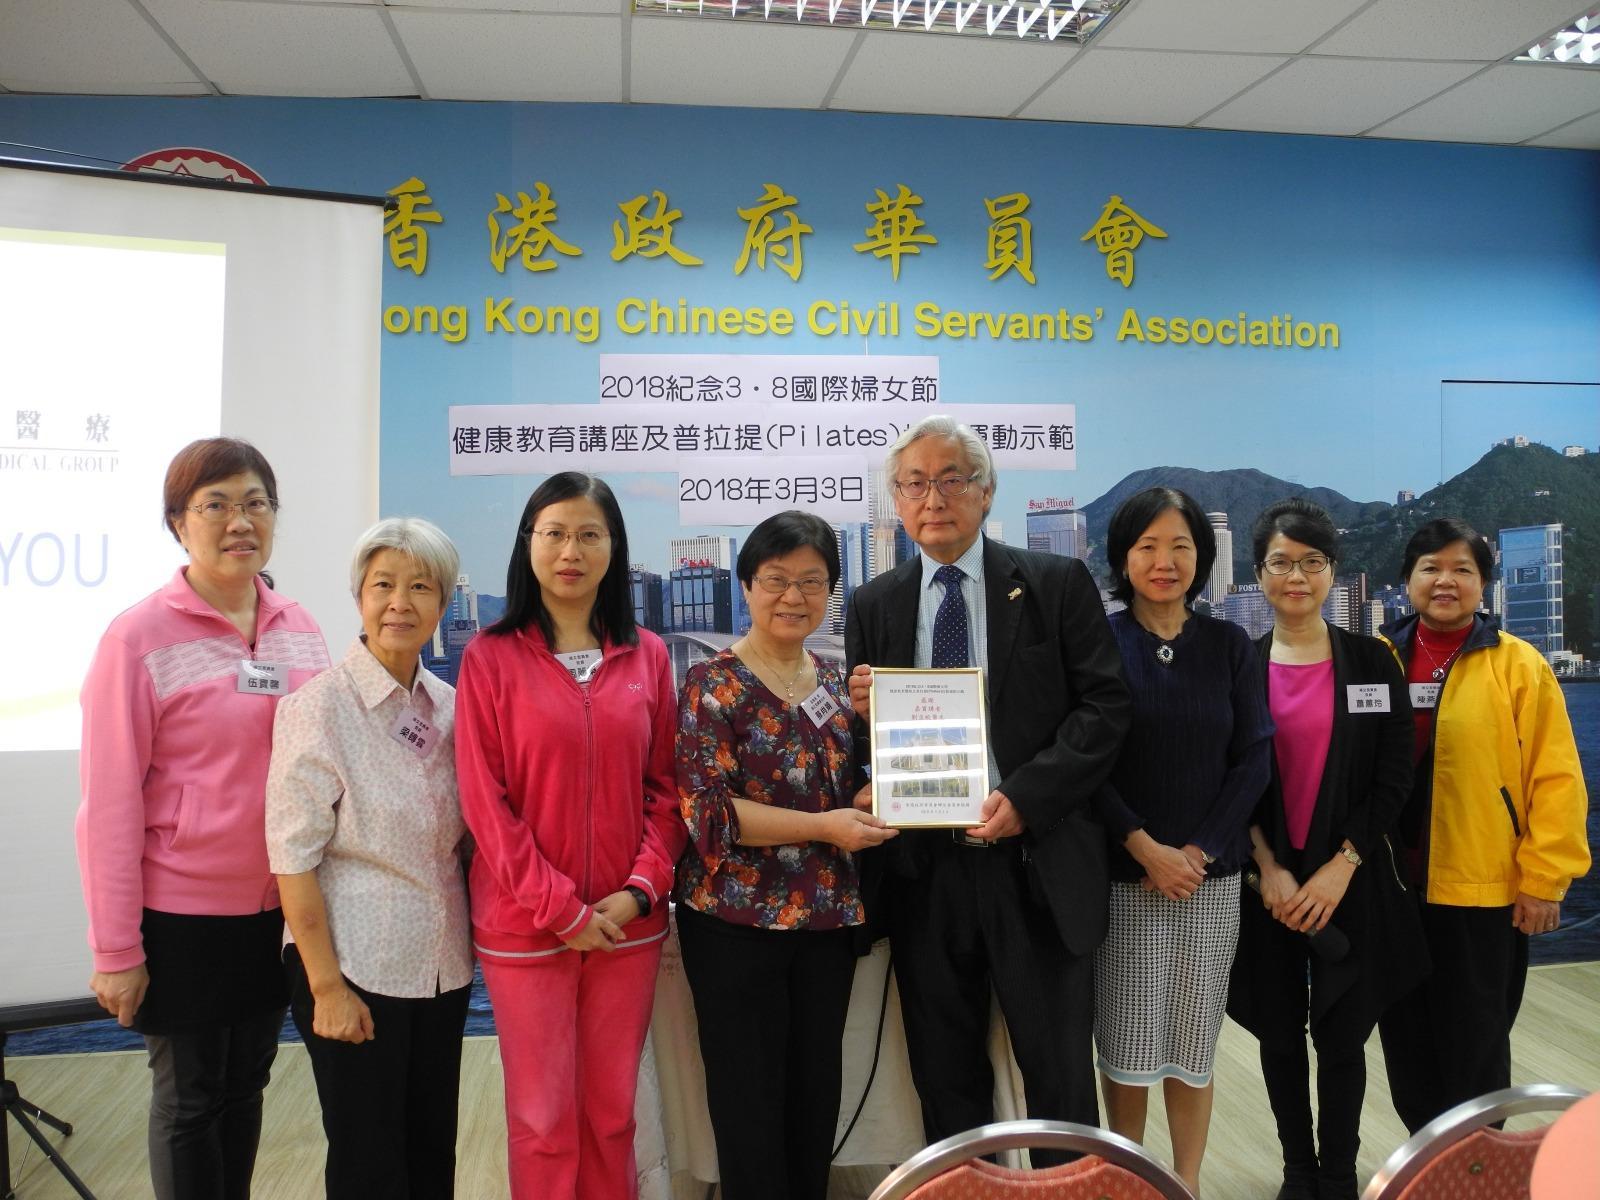 婦女委員會委員與劉孟蛟醫生合照